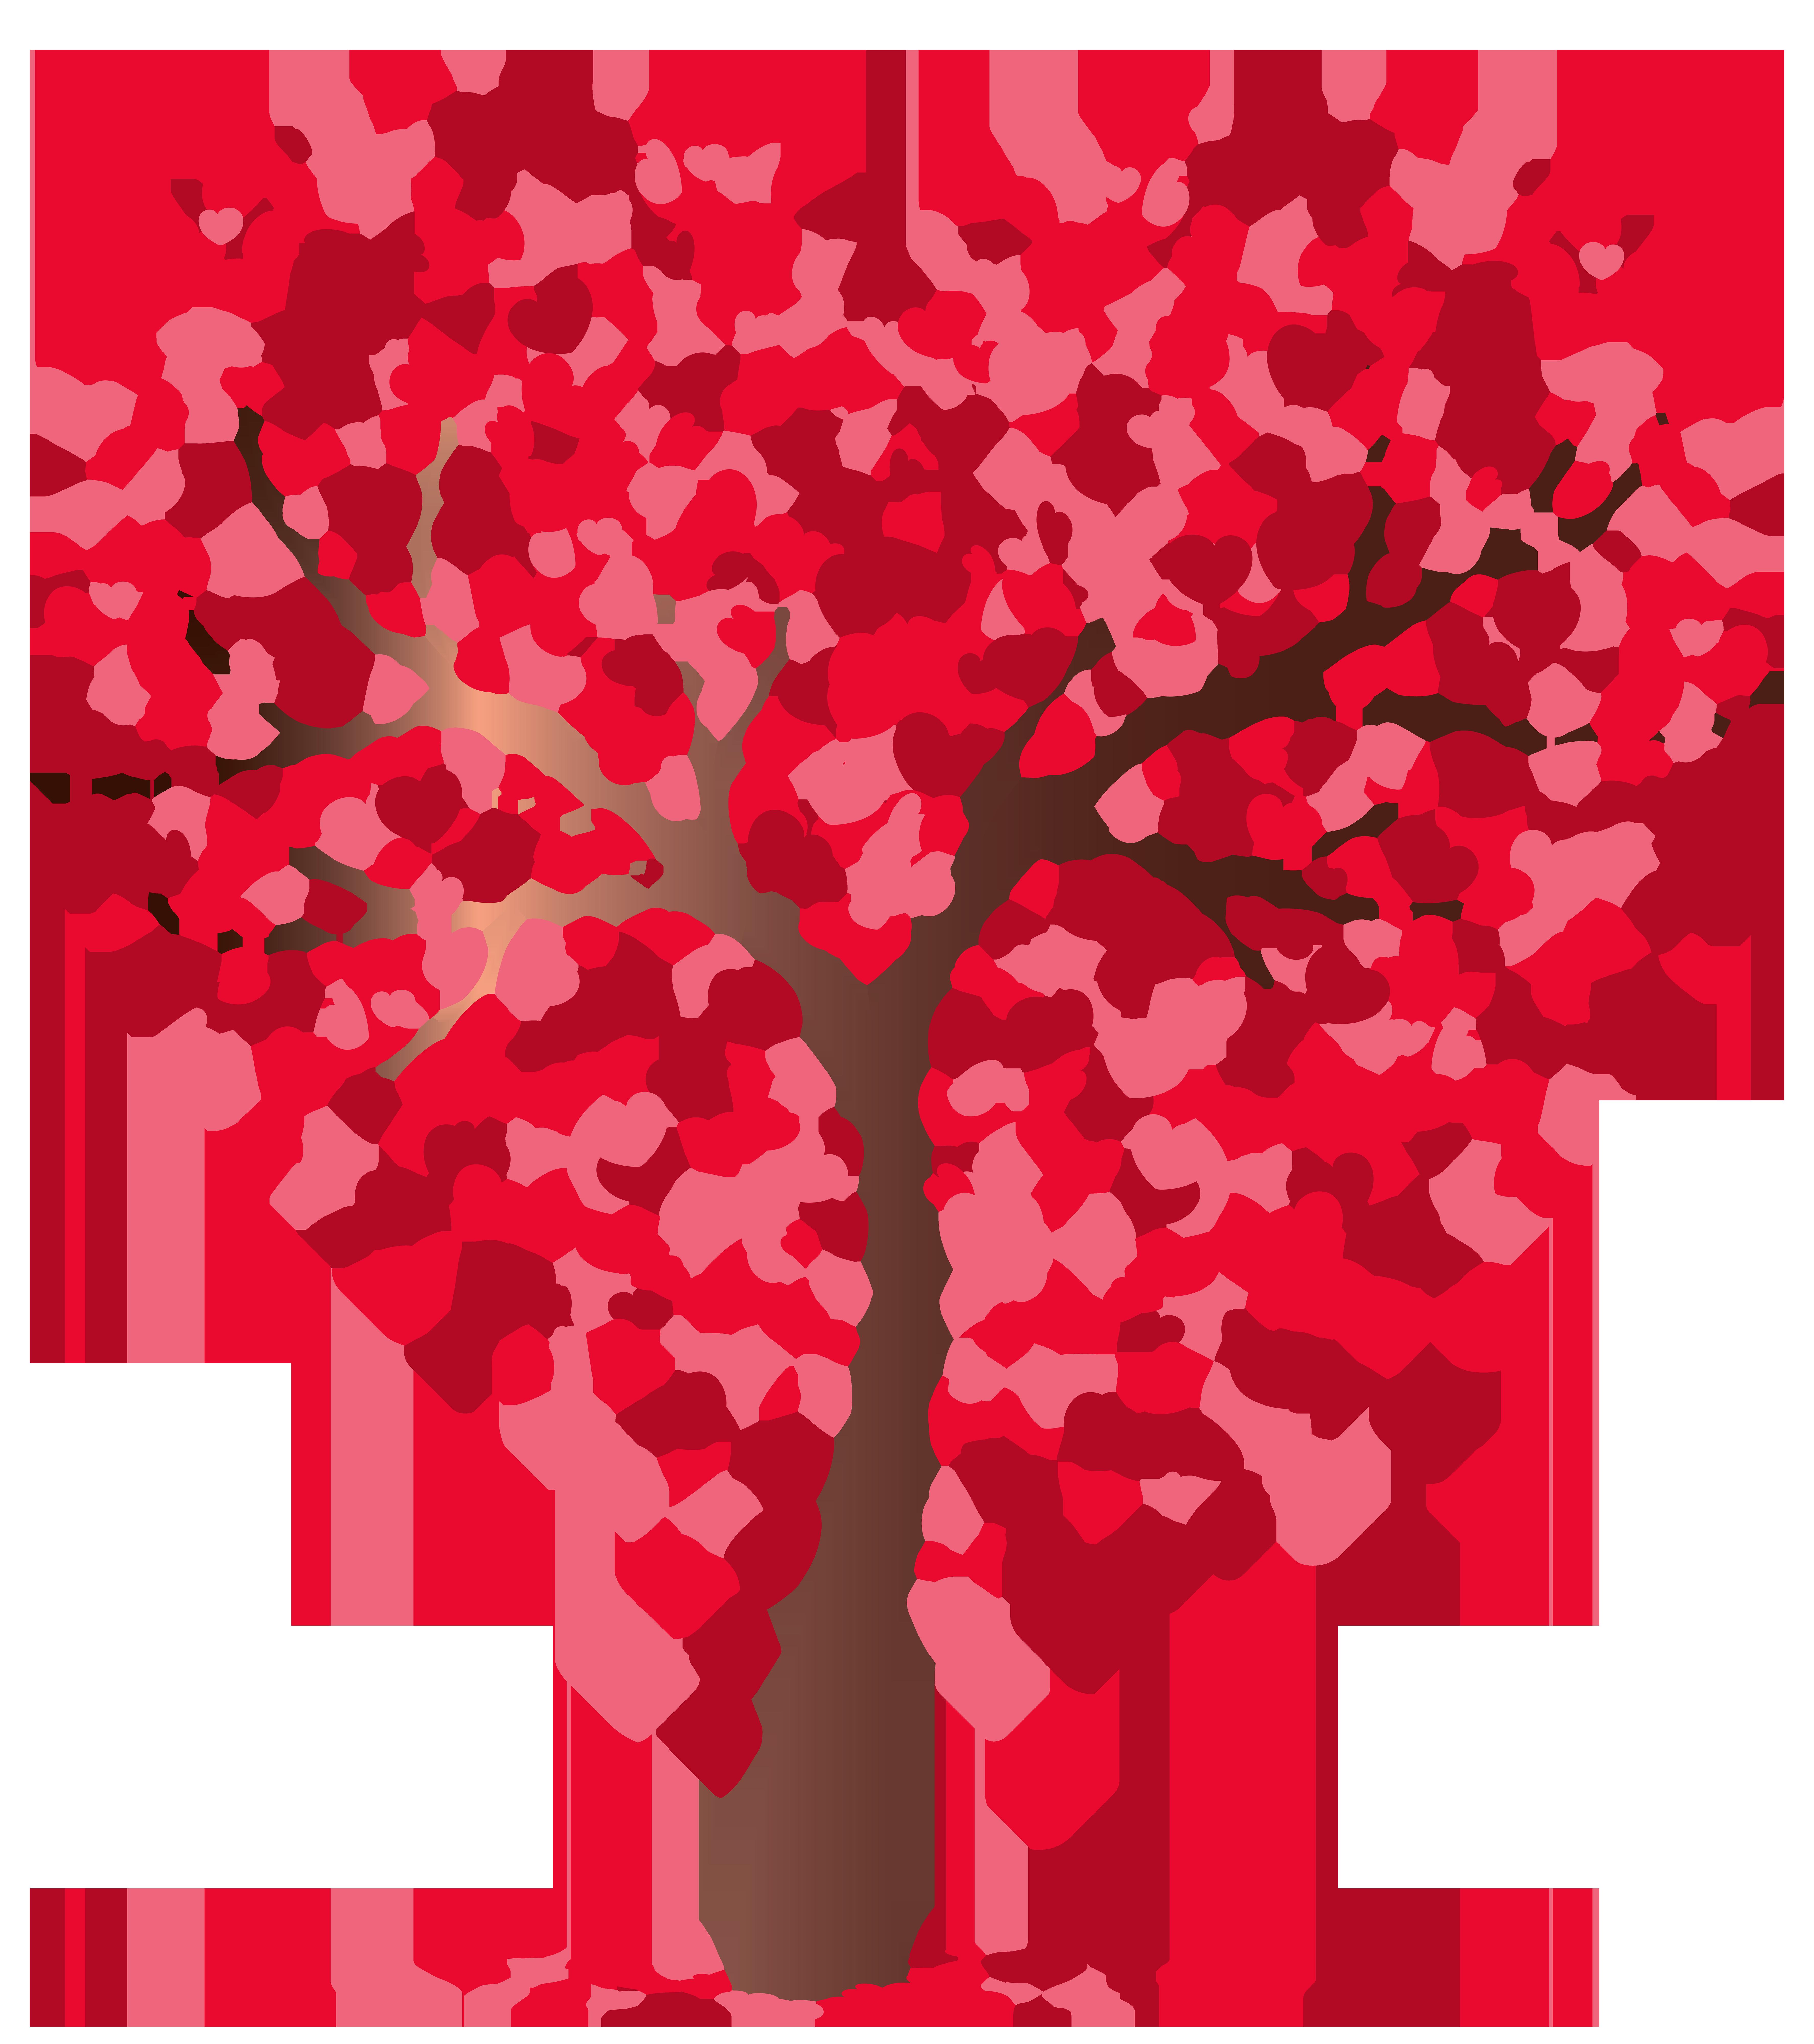 Heart Tree Transparent Png Image Imagens Para Quadros Decorativos Caixinhas Para Lembrancinhas Aulas De Violao Para Iniciantes